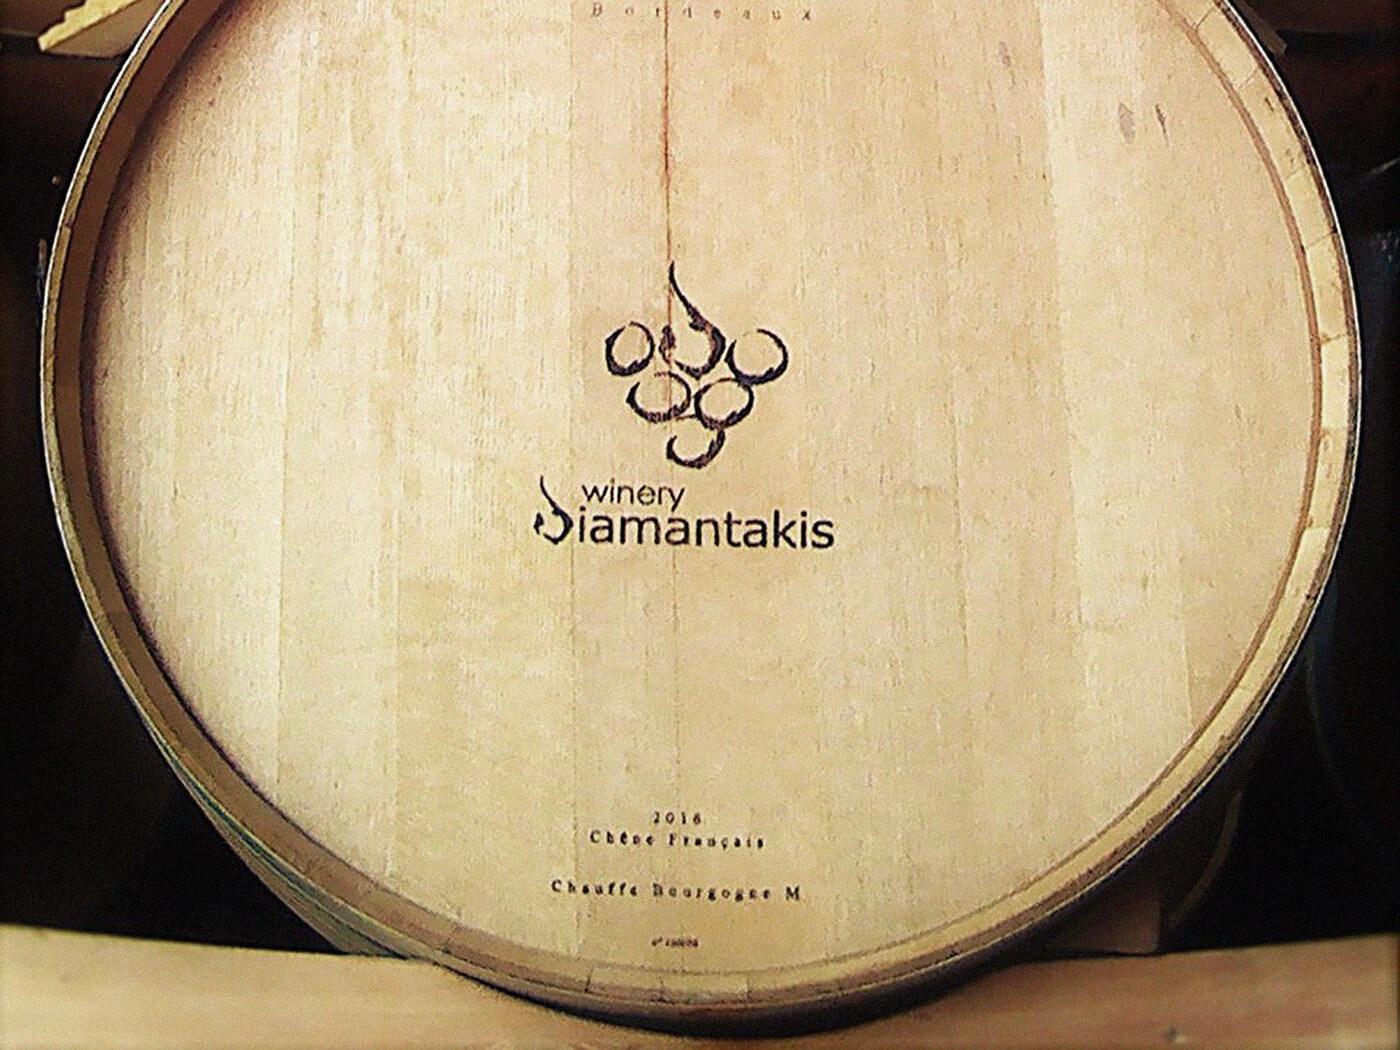 Οινοποιείο Διαμαντάκης